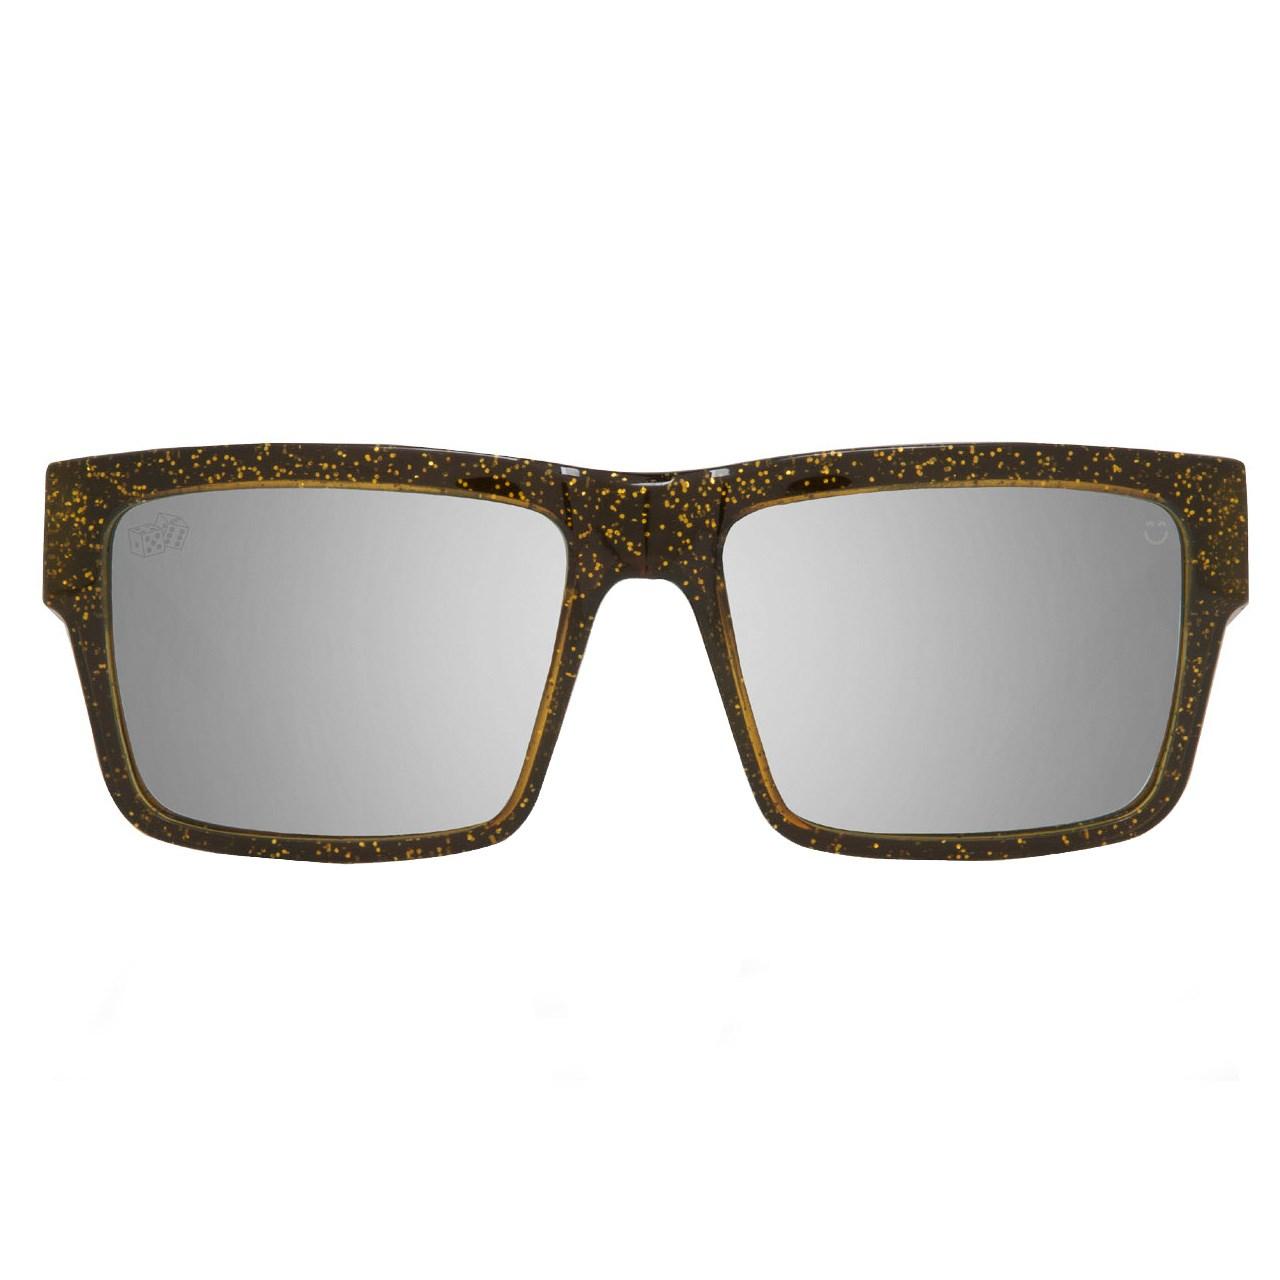 عینک آفتابی اسپای سری Montana مدل Las Vegas Black Gold Happy Silver Mirror